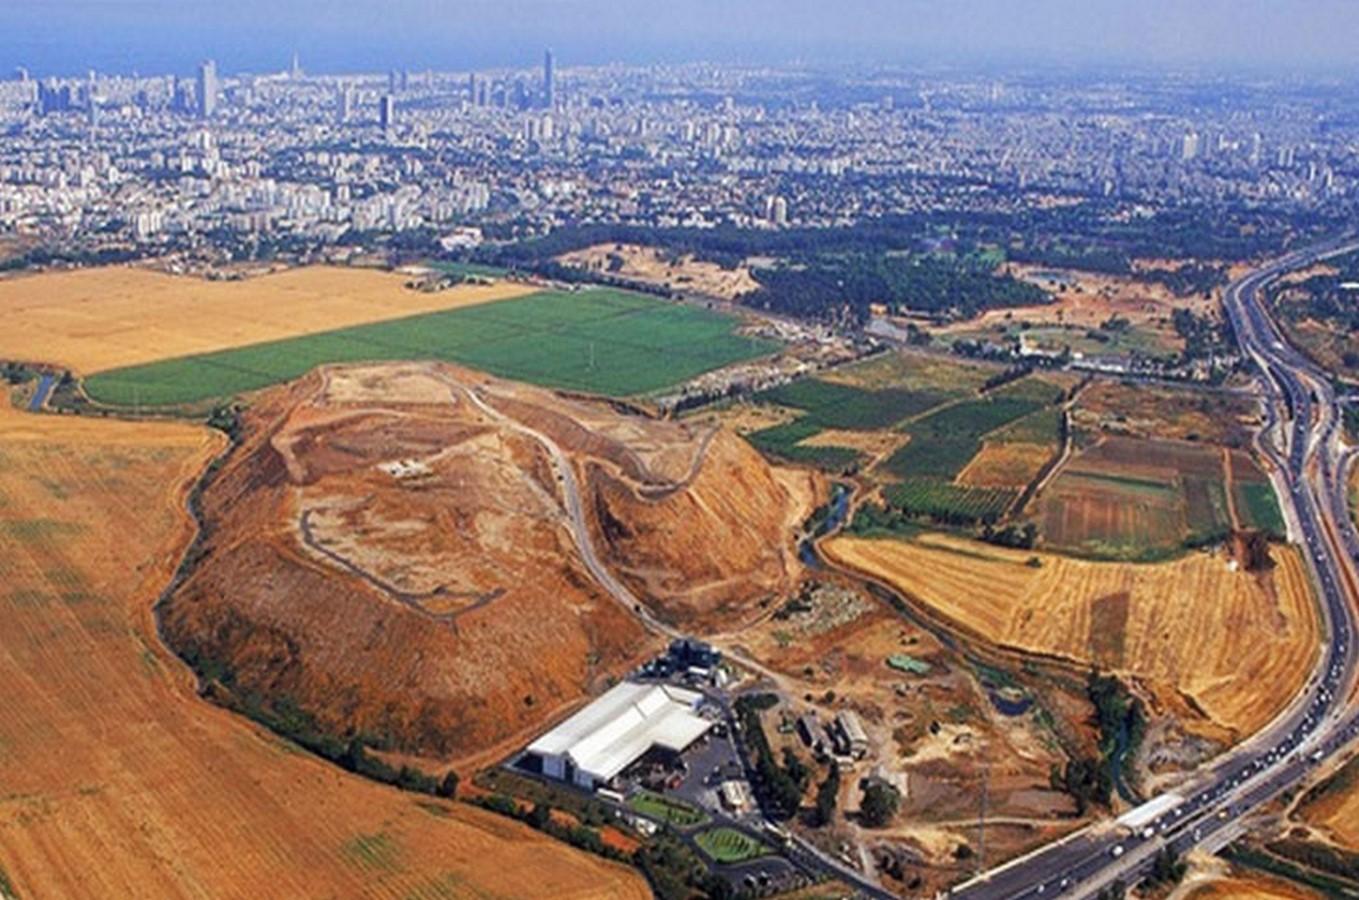 Ariel Sharon Park in Tel Aviv - Sheet2